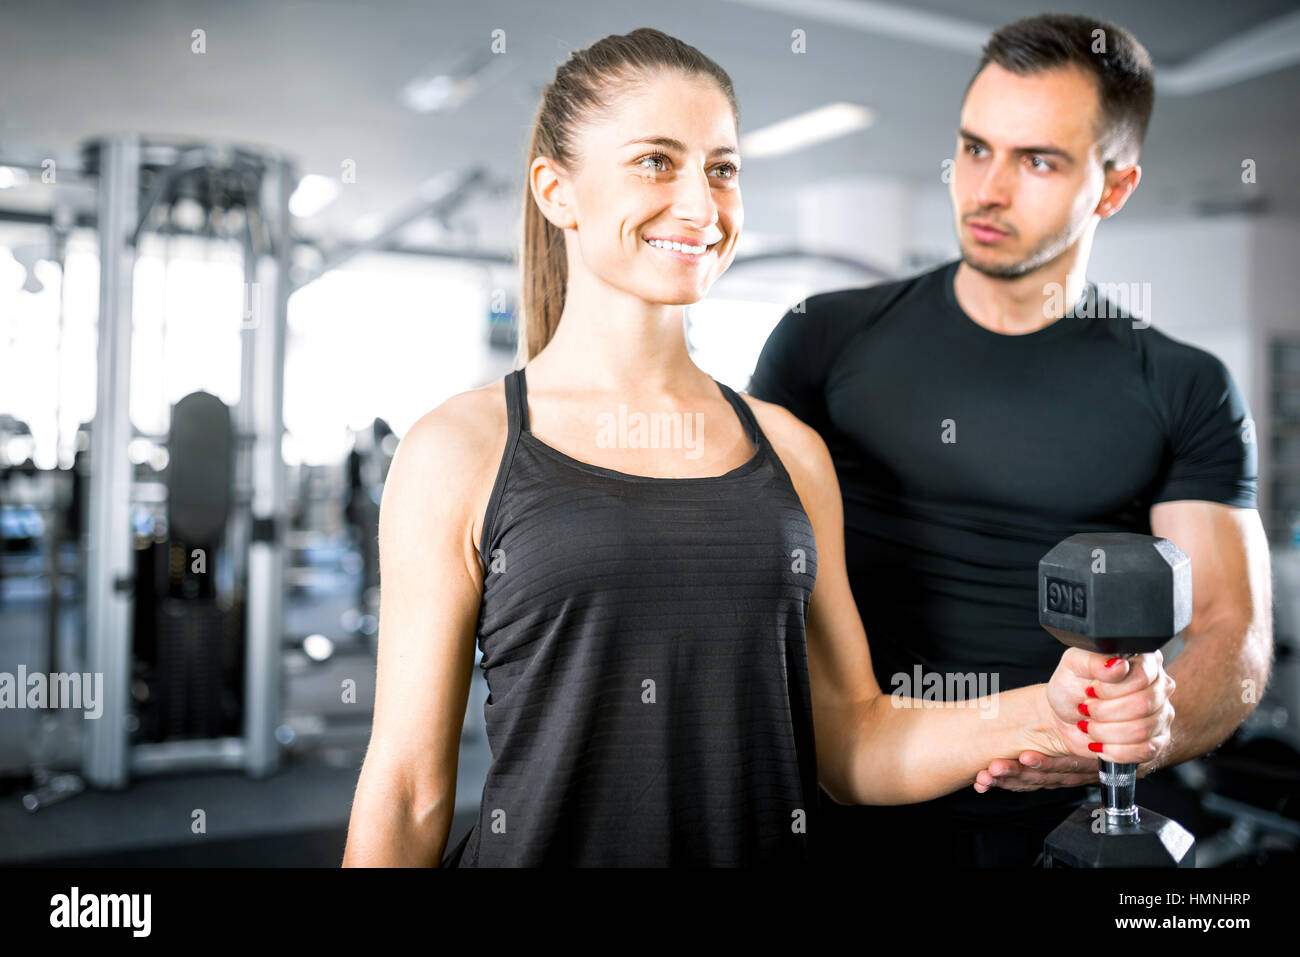 Adulto joven mujer trabajando en el gimnasio, haciendo flexiones de brazos (bíceps) con la ayuda de su entrenador Imagen De Stock